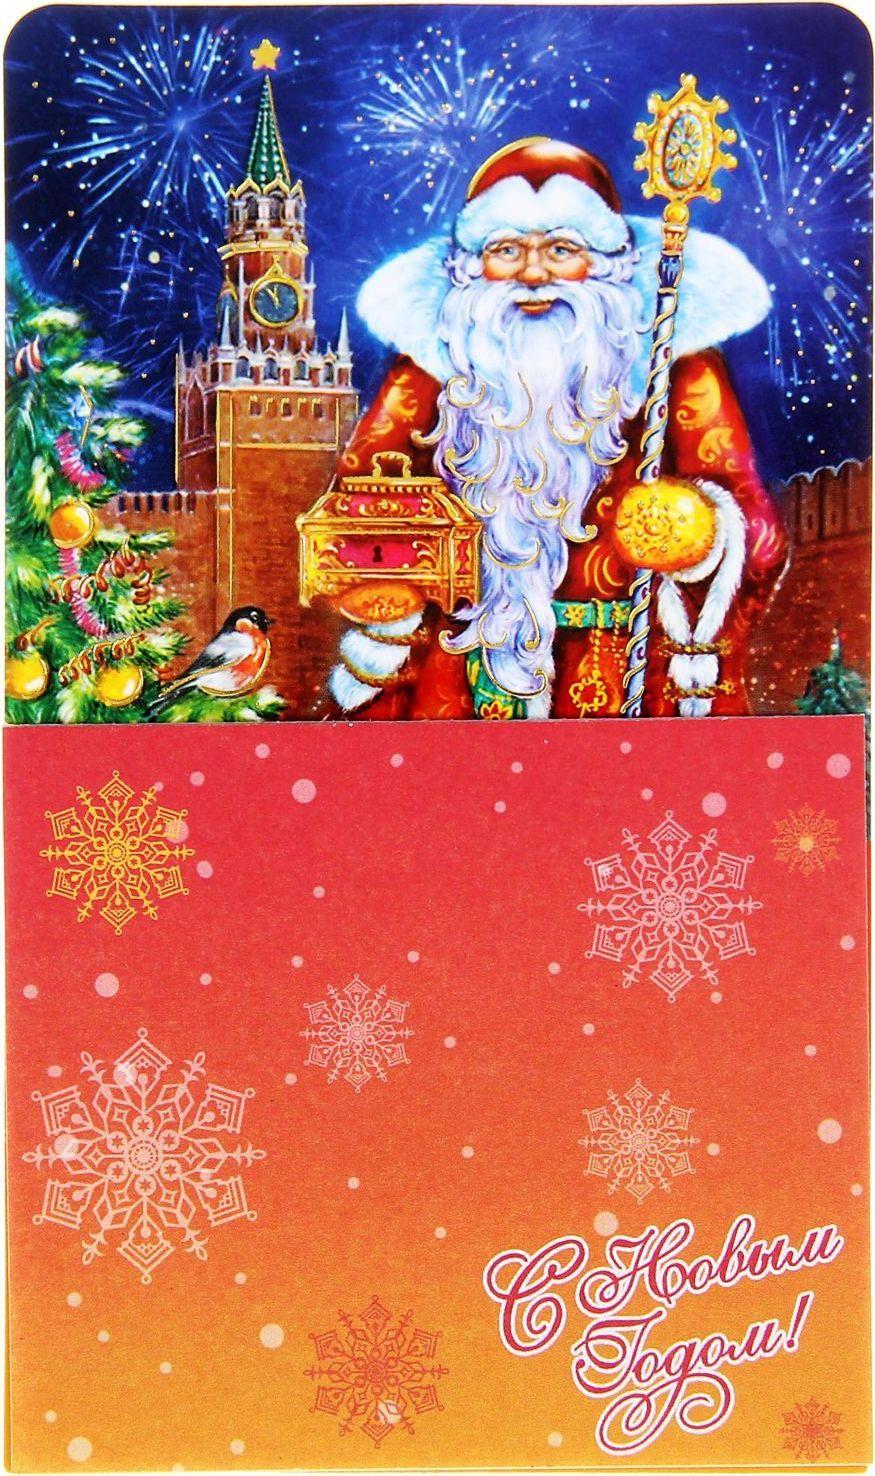 Магнит Sima-land Дед Морох на фоне кремля, с блокнотом, 7,5 х 12,5 см1040234Порадуйте родных и близких оригинальным сувениром: преподнесите в подарок магнит. С ним даже самый серьёзный человек почувствует себя ребёнком, ожидающим чудо! Создайте праздничное настроение, и оно останется с вами на весь год.